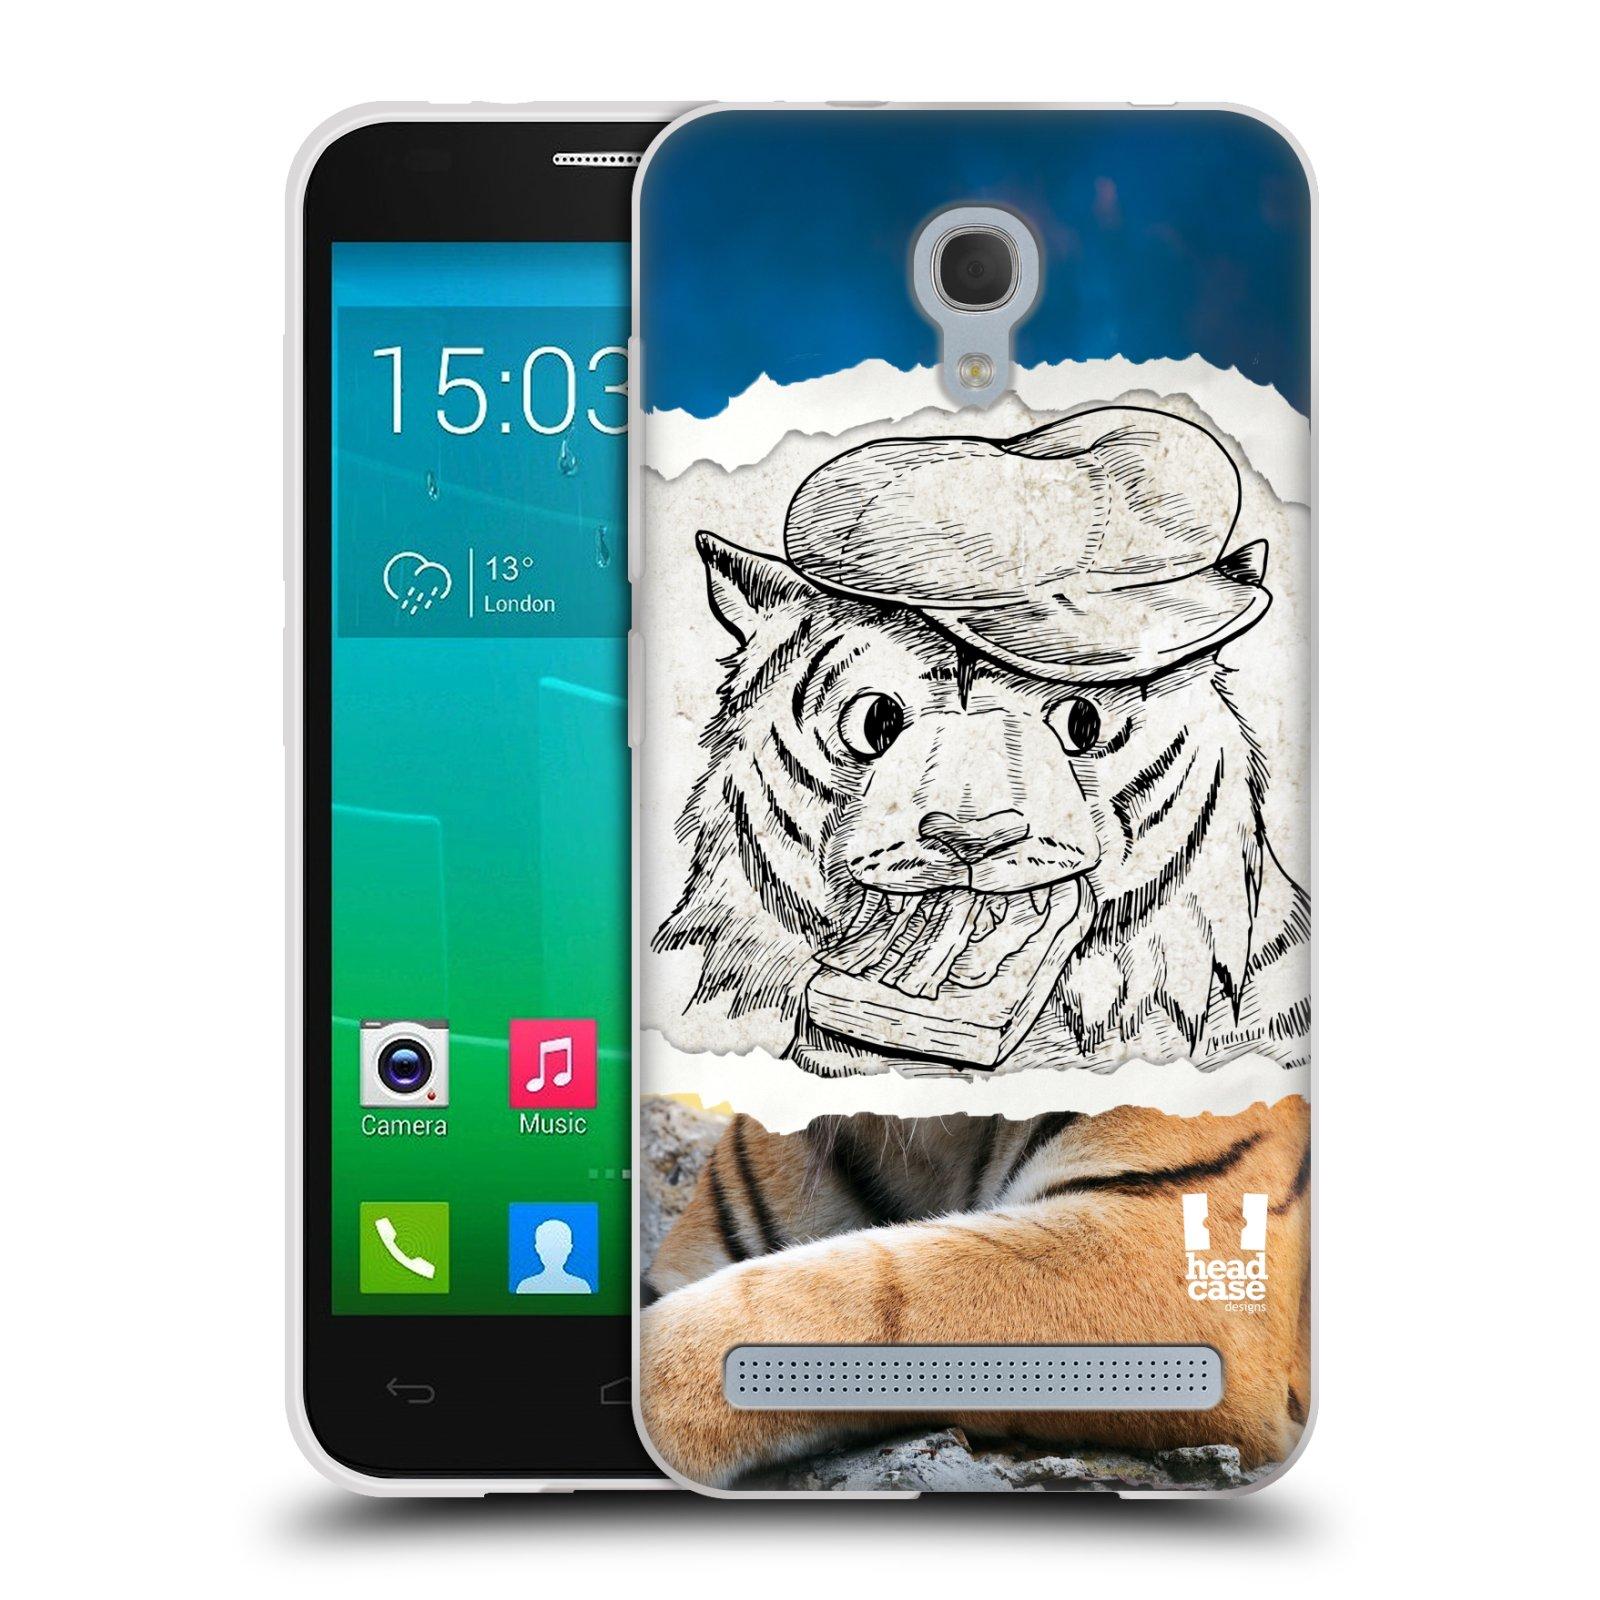 HEAD CASE silikonový obal na mobil Alcatel Idol 2 MINI S 6036Y vzor zvířata koláž tygr fešák